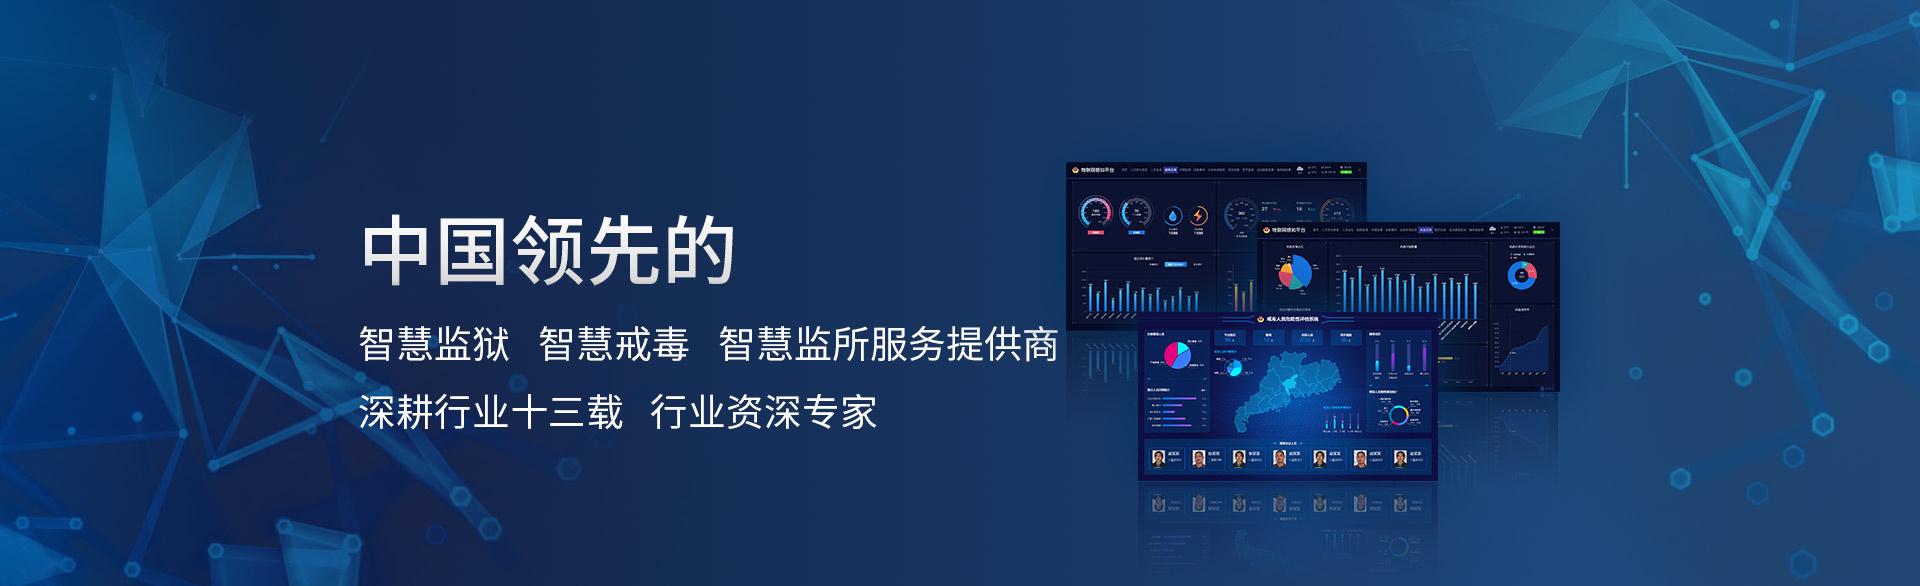 广州昆仑科技有限公司banner